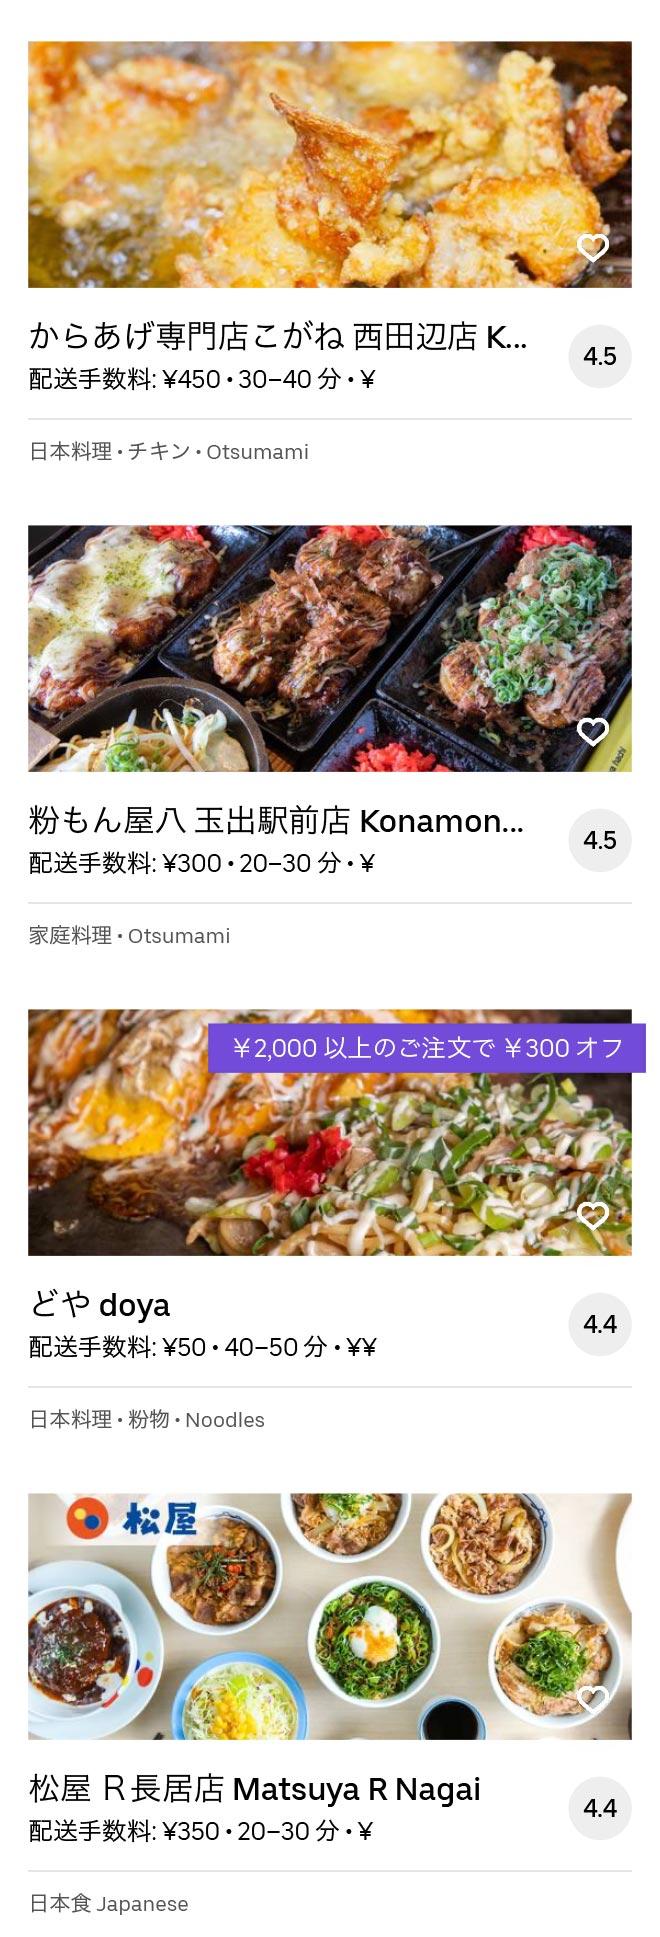 Osaka suminoe menu 2005 08